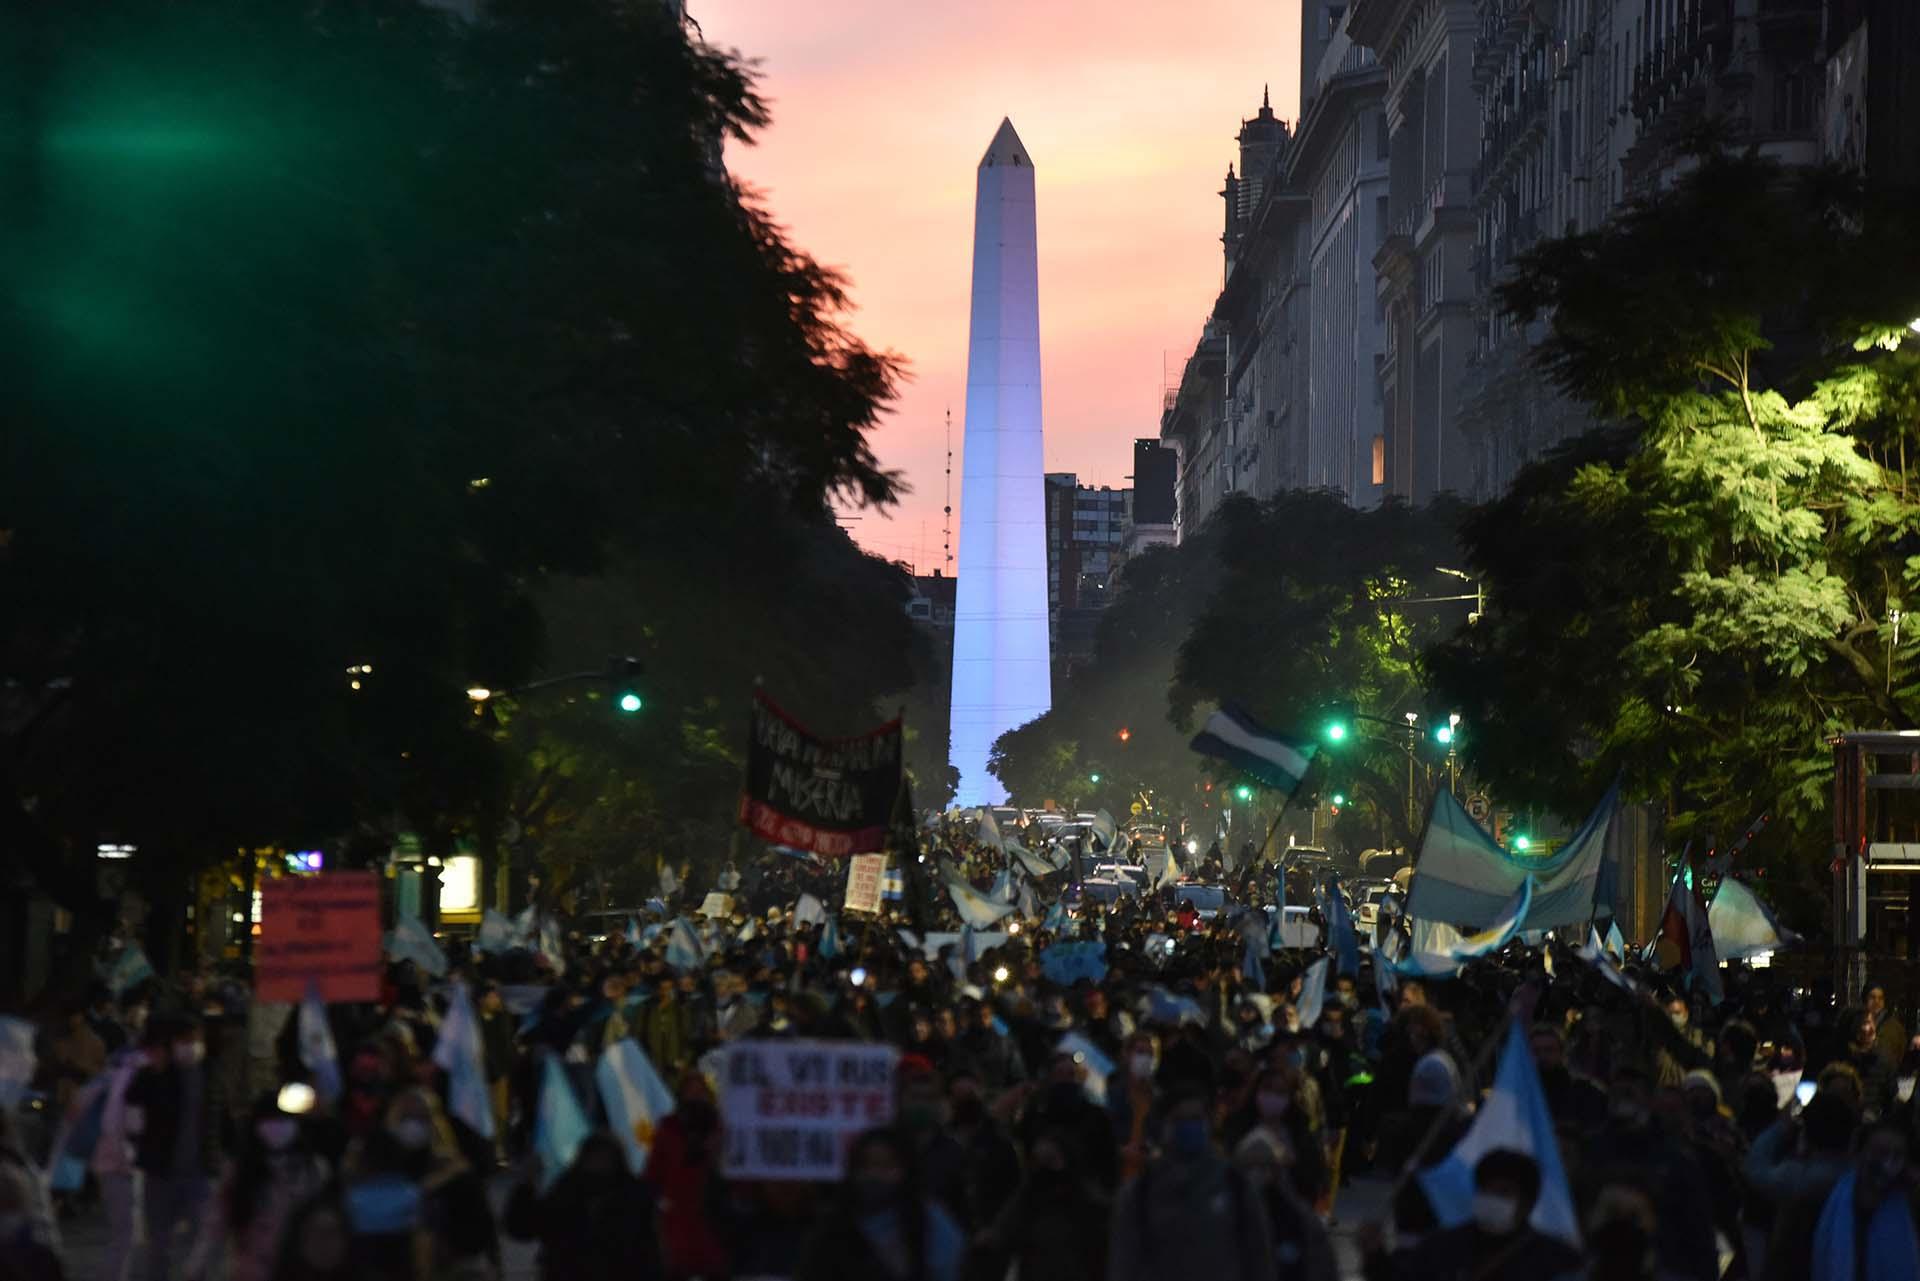 El 9 de Julio se realizó un multitudinario banderazo contra el Gobierno en diferentes puntos del país